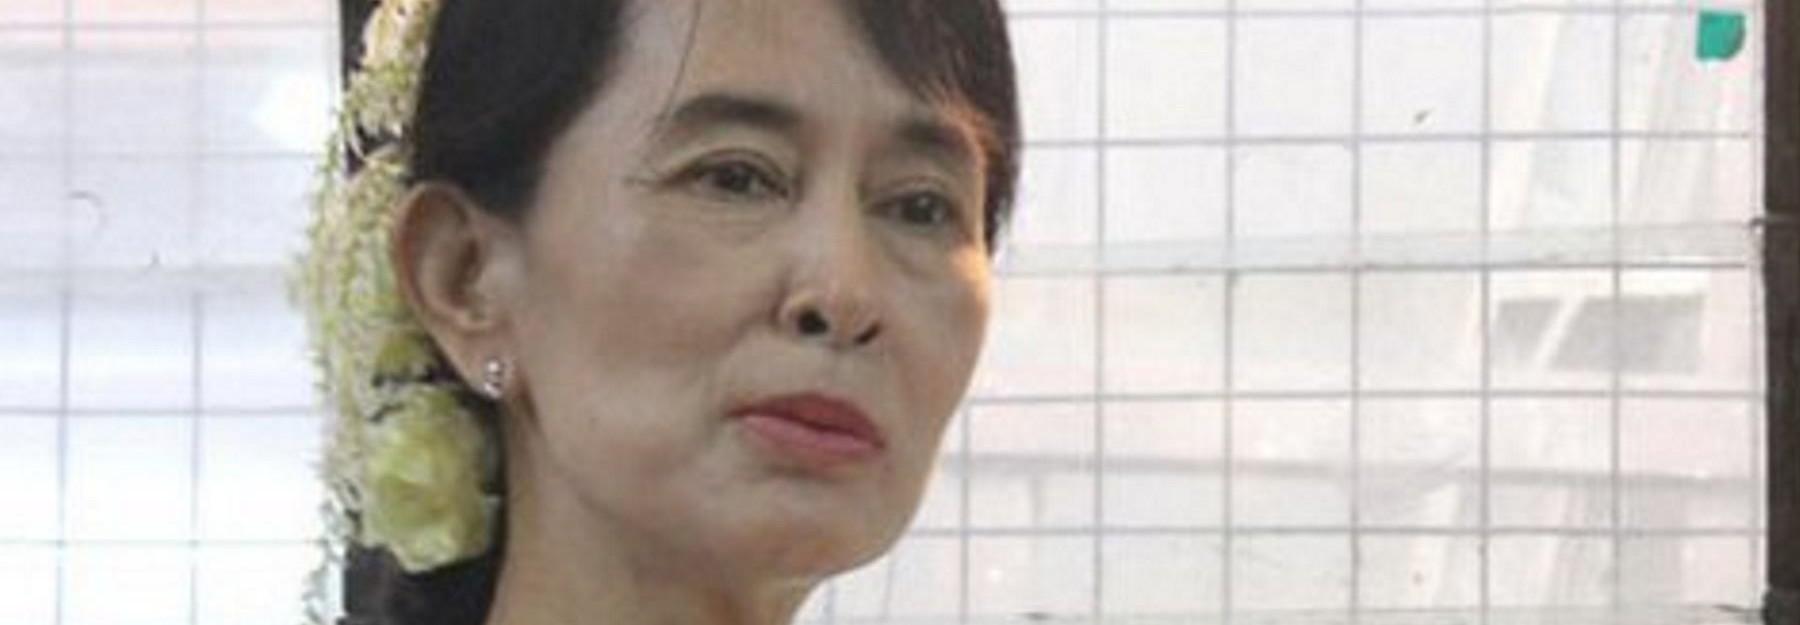 VIDEO: Poslušajte službenu izjavu Aung San Suu Kyi o novom kursu mianmarske politike